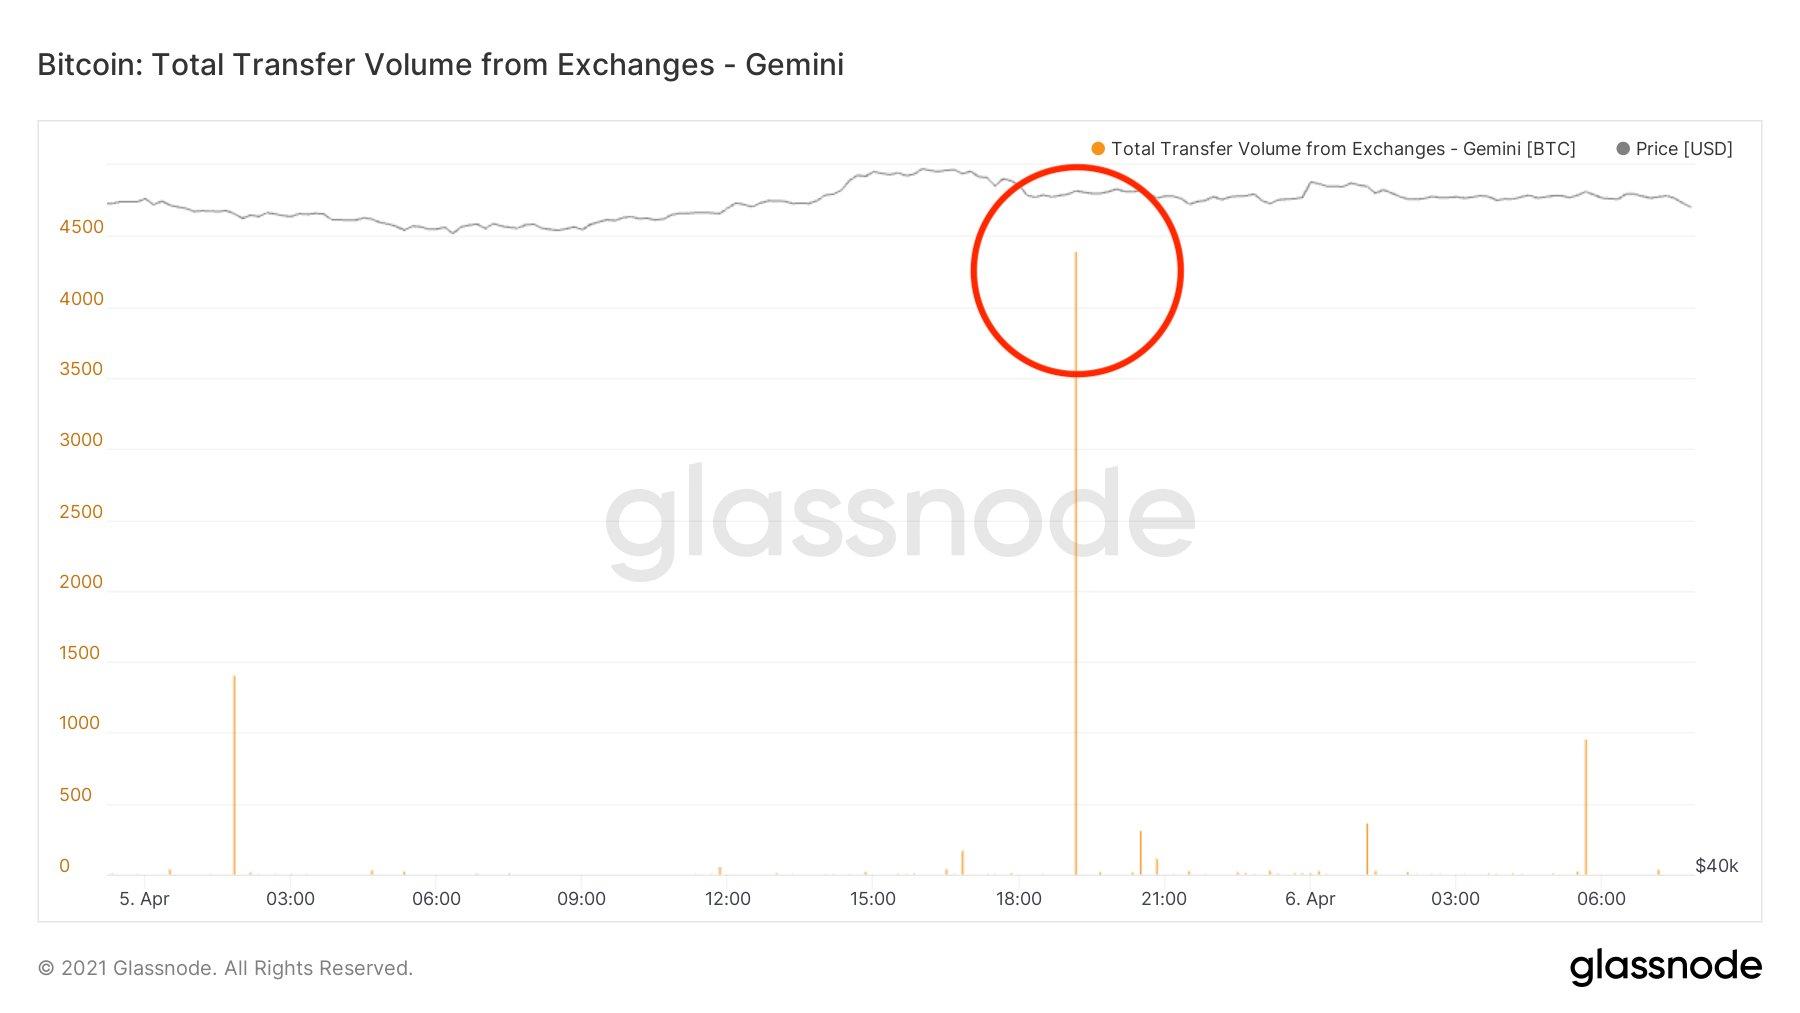 Grafico annotato dei deflussi dall'exchange Gemini